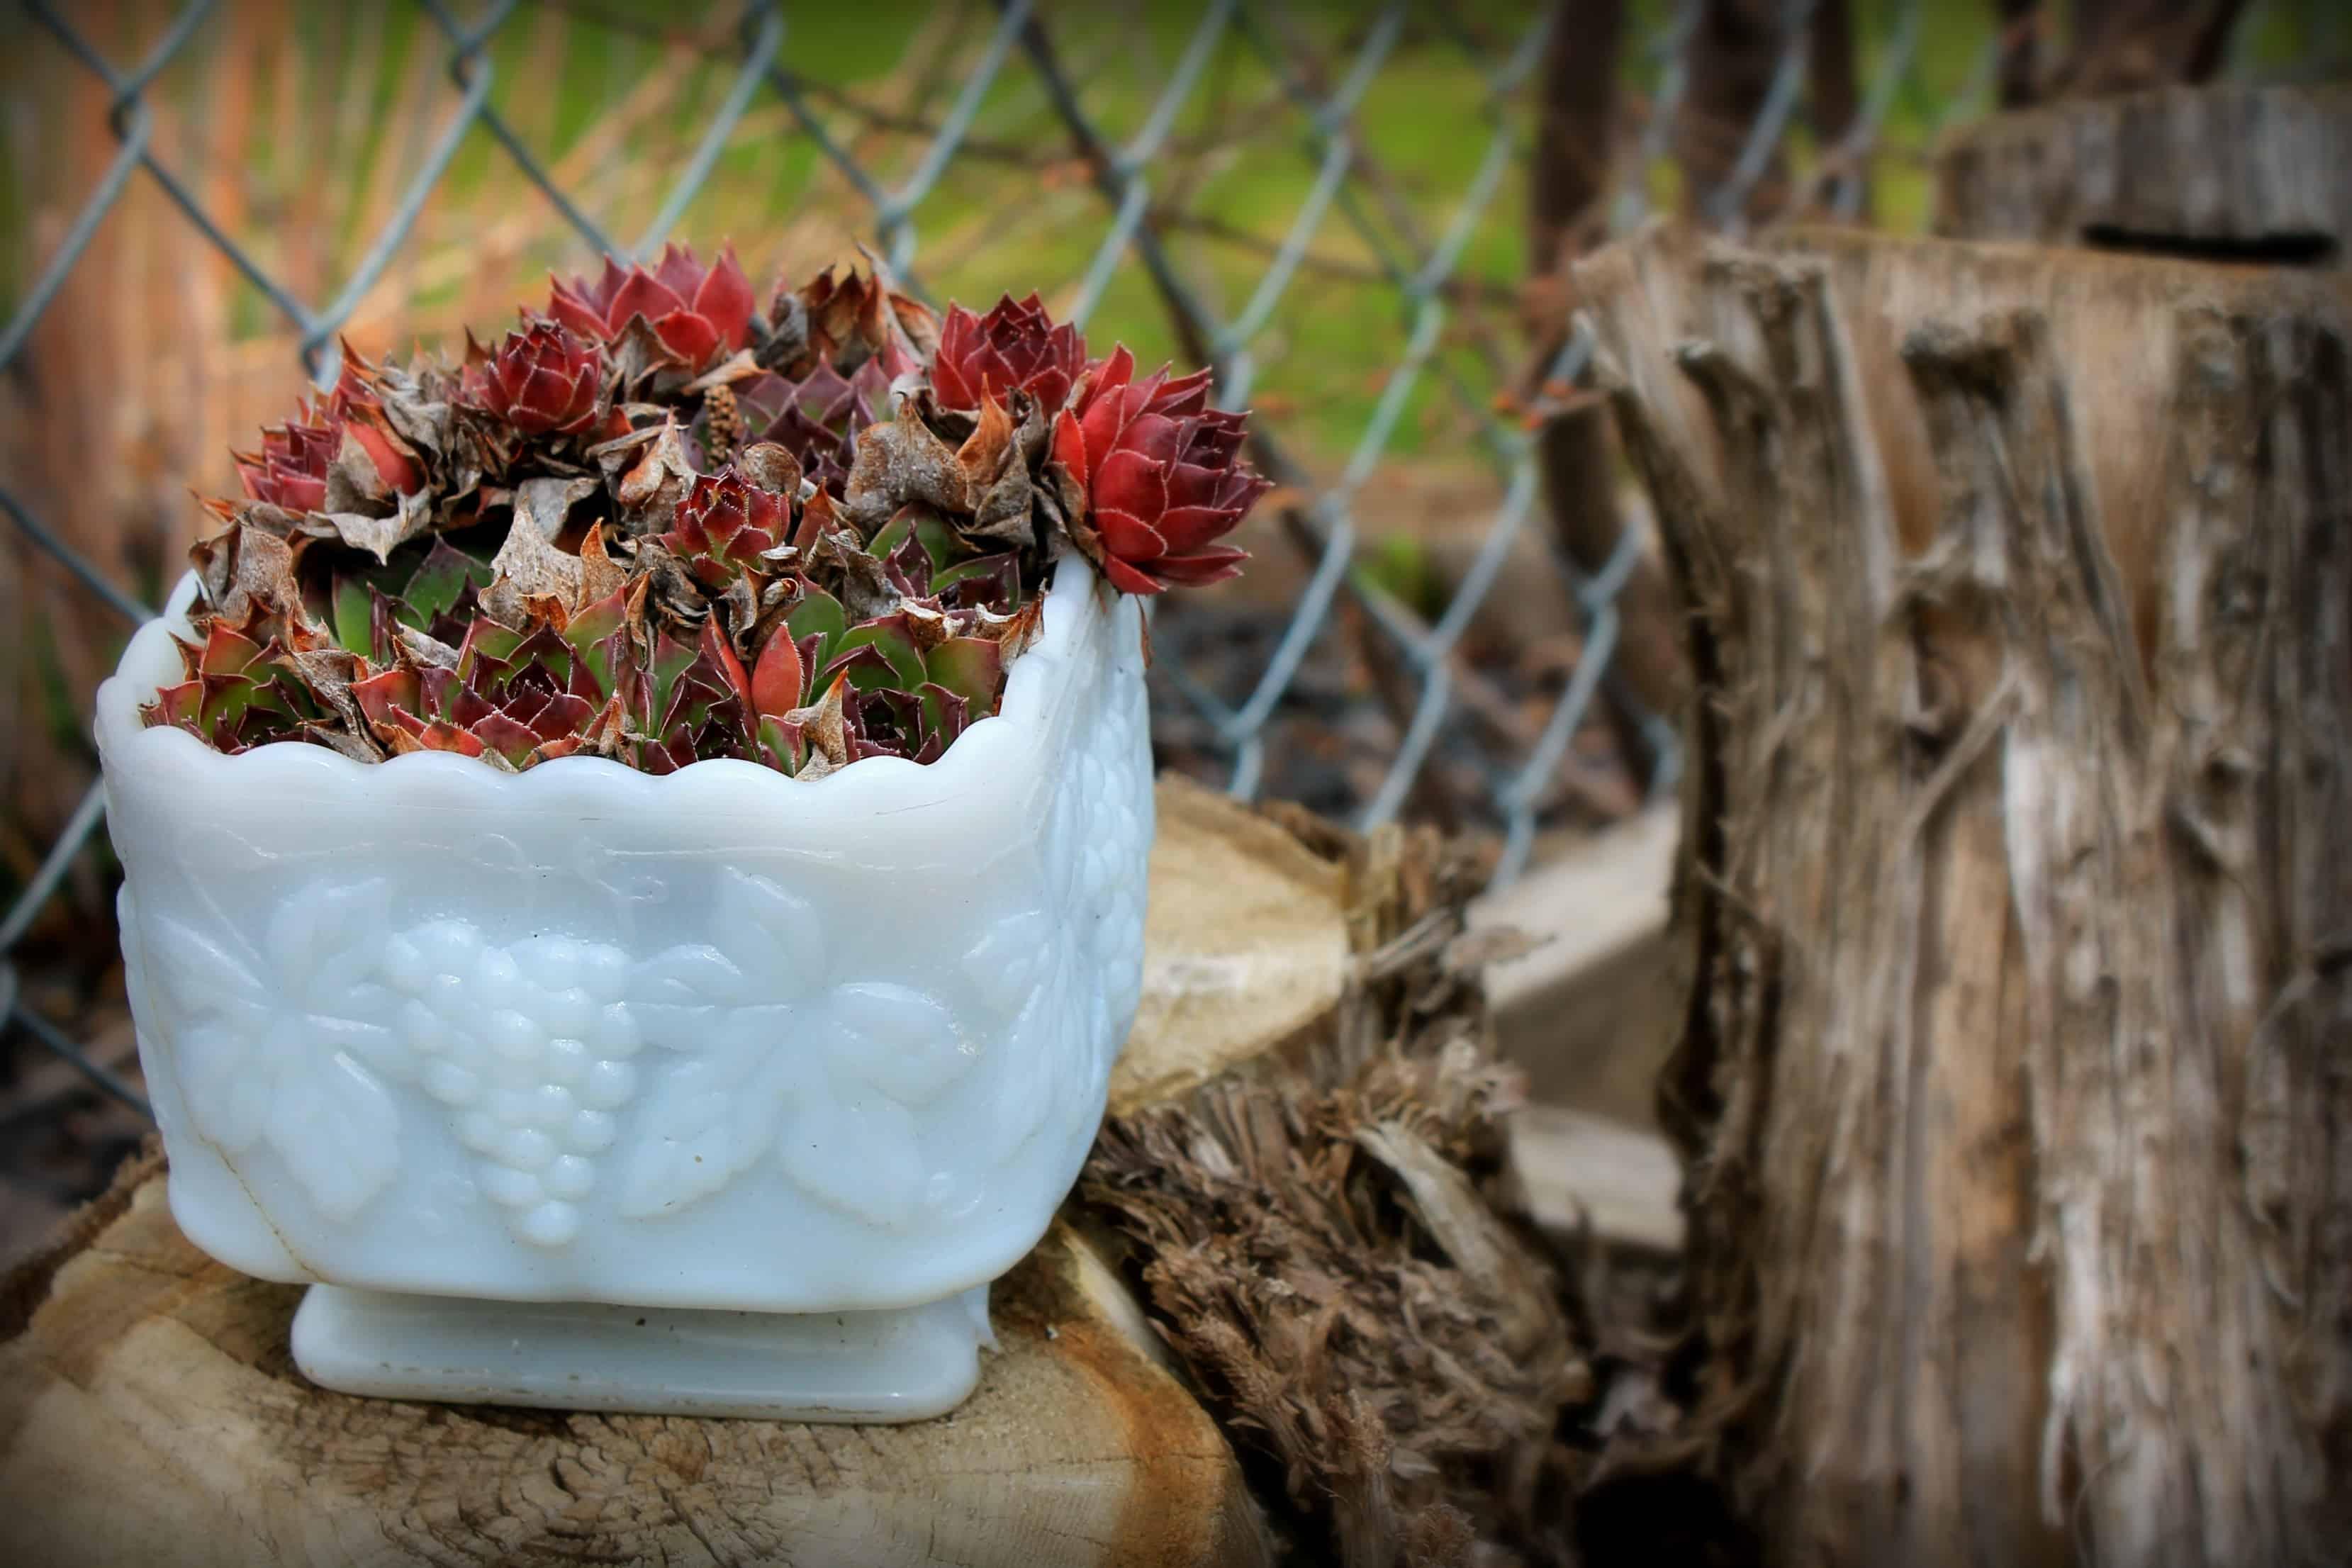 planter, hens and chicks, garden, spring garden